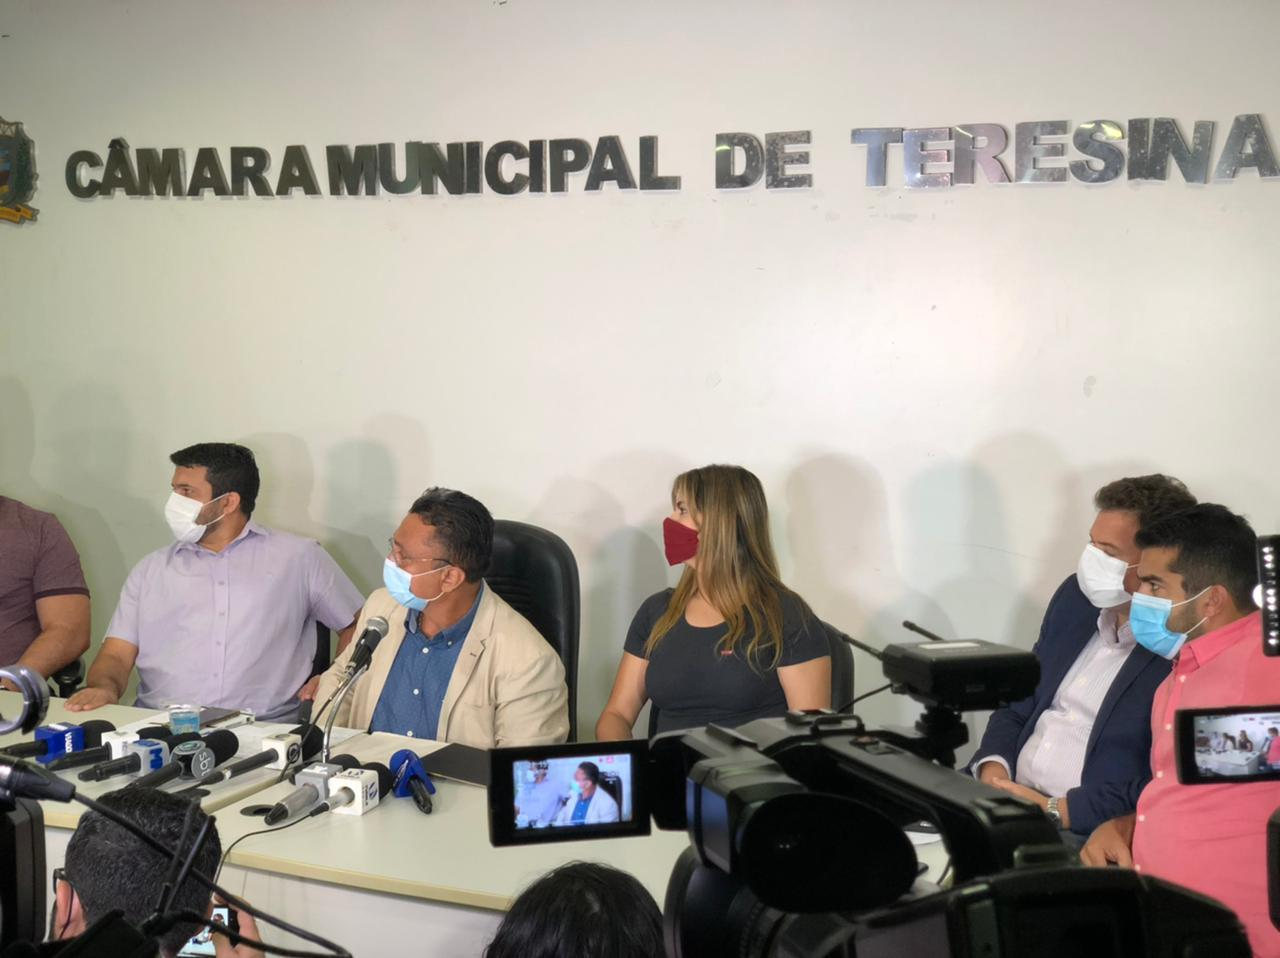 Comissão Parlamentar de Inquérito (CPI) do Transporte Público de Teresina deu início aos trabalhos nesta segunda-feira (10) - Foto: Divulgação